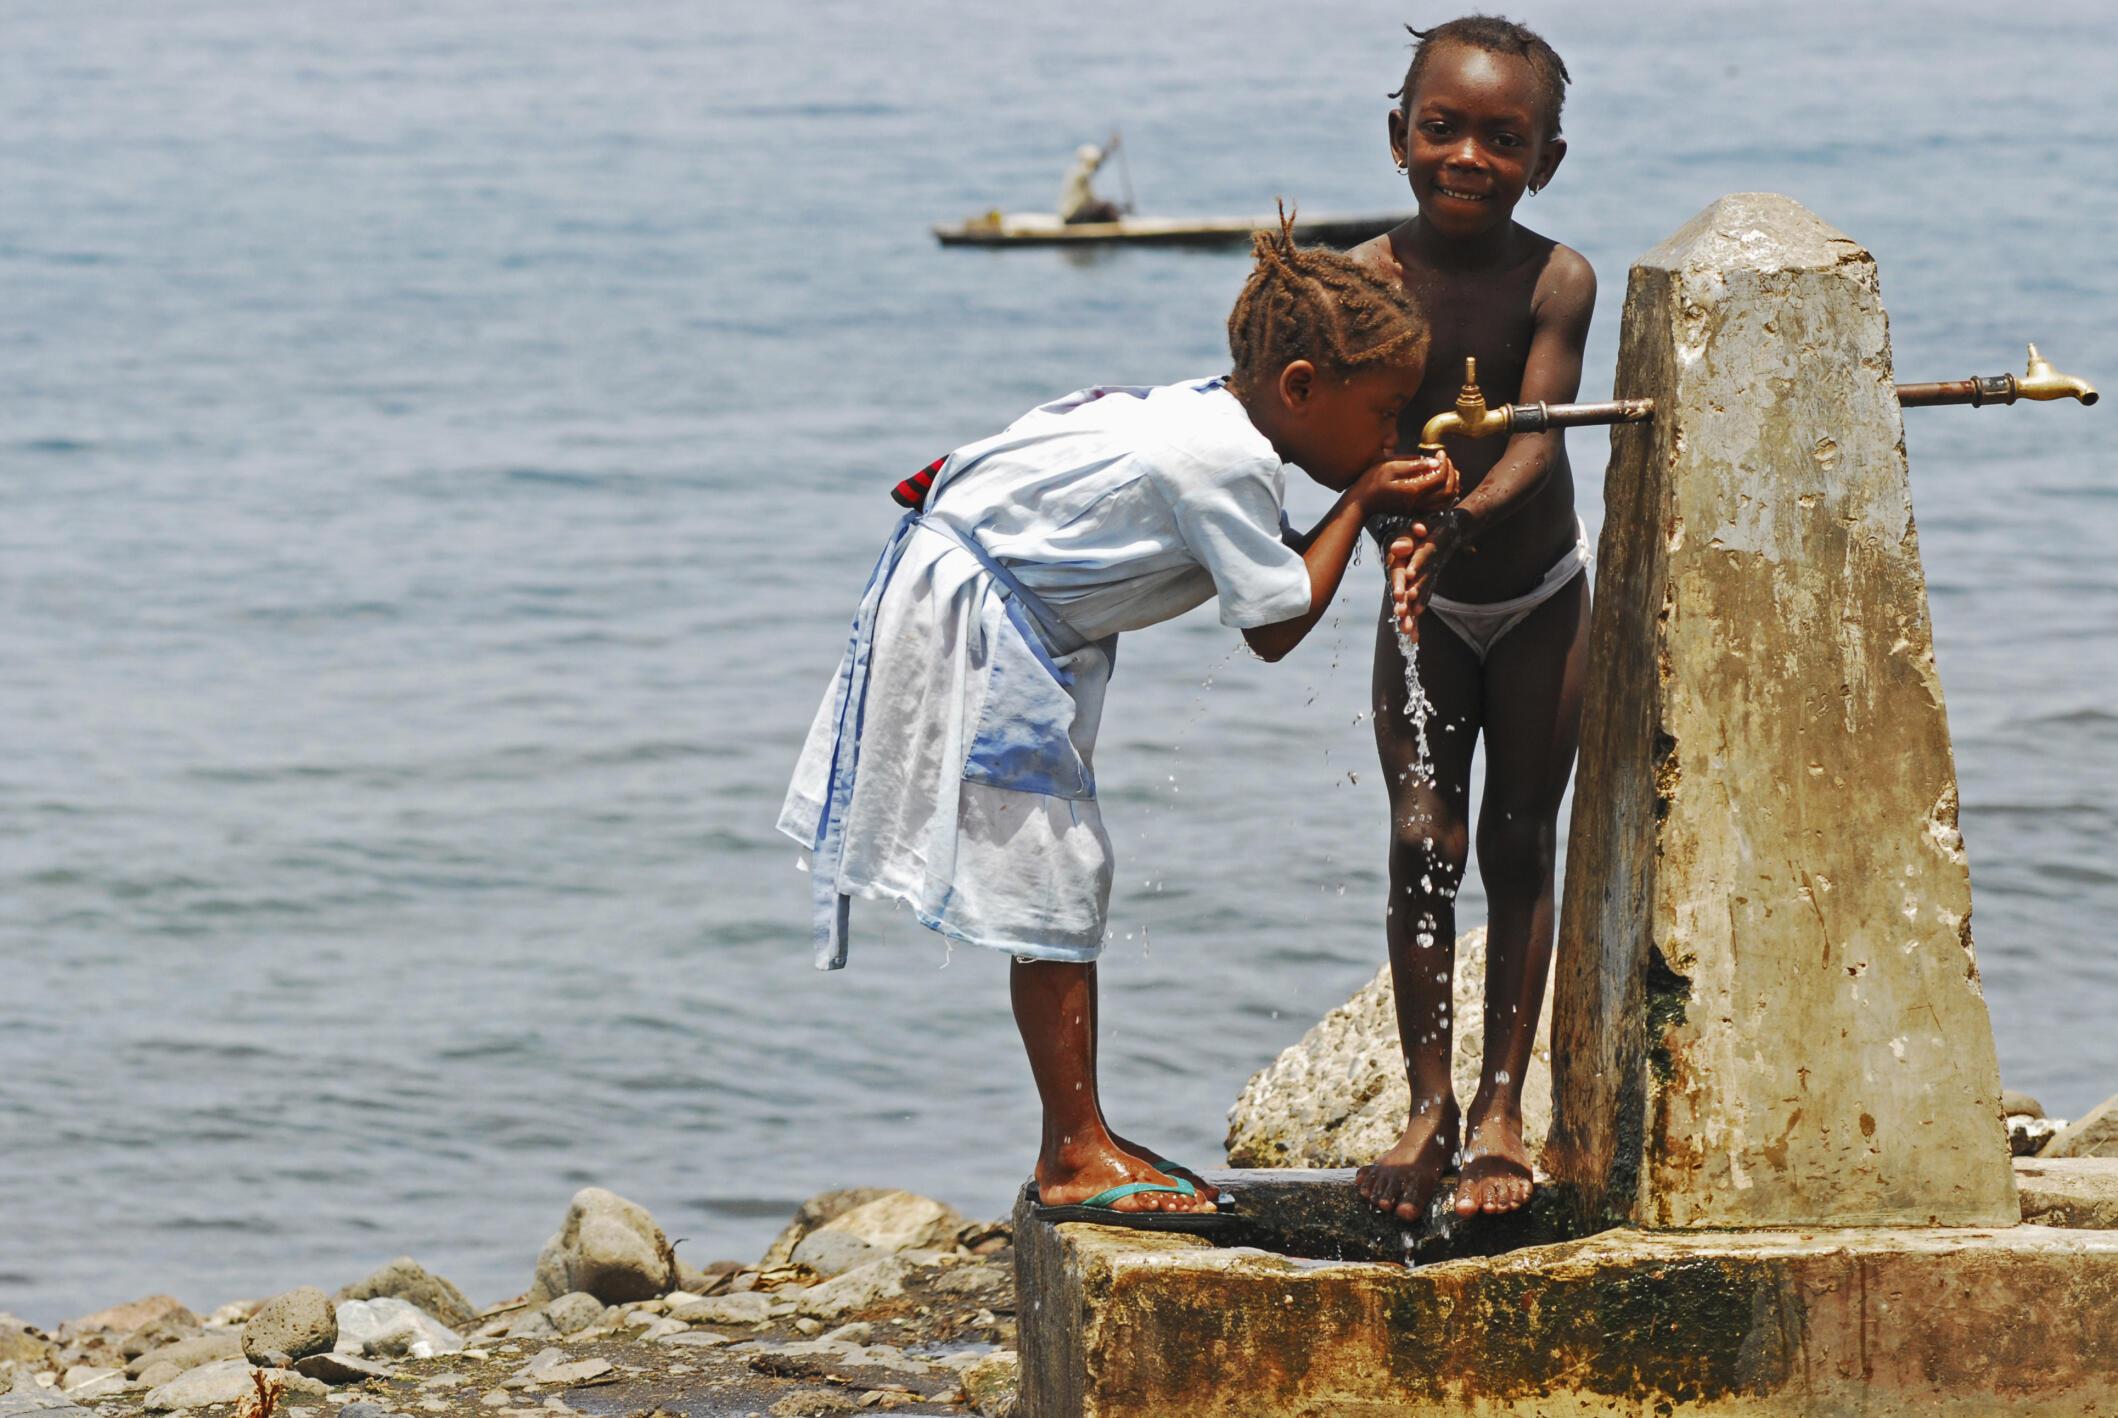 Deux petites filles buvant l'eau du robinet, à Neves, Sao Tomé-et-Principe.